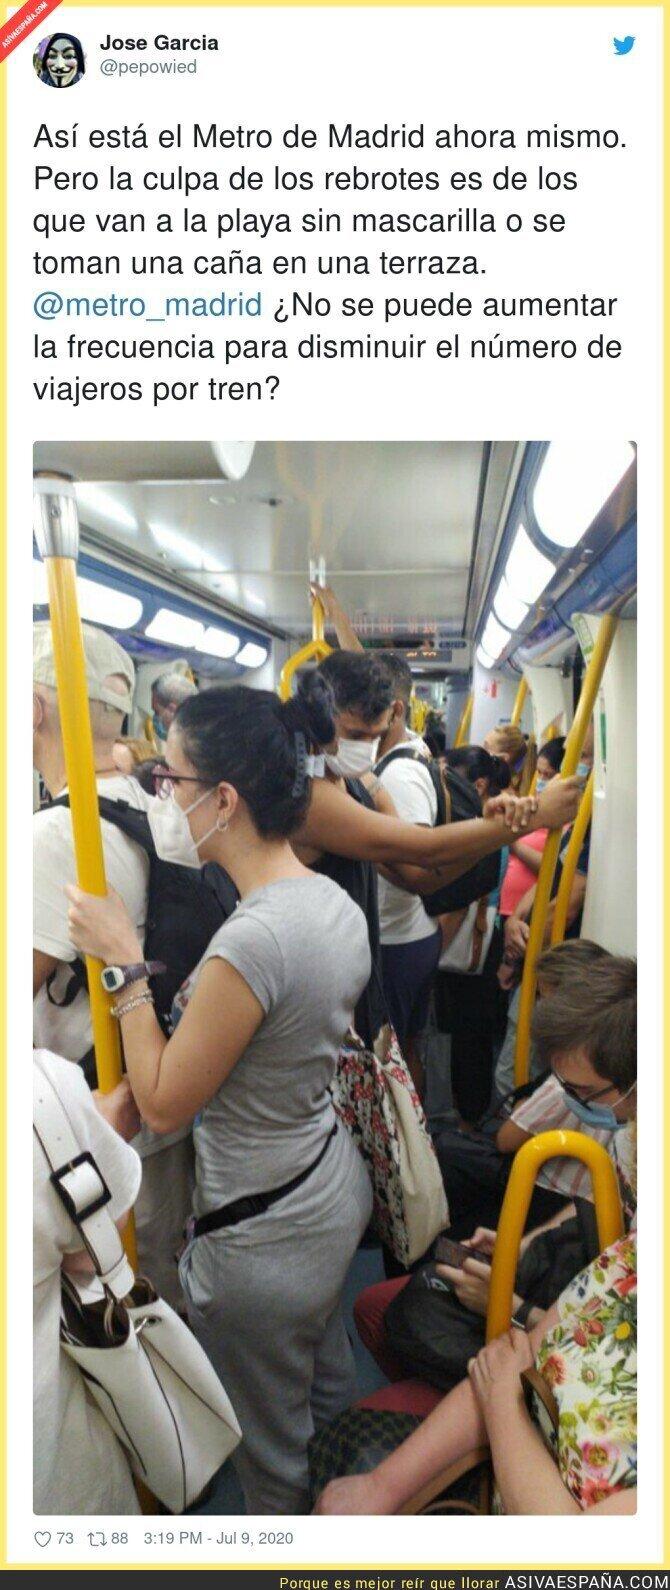 264210 - Aumentar la frecuencia, dice. ¿Y que la gente vaya cómoda y espaciada?